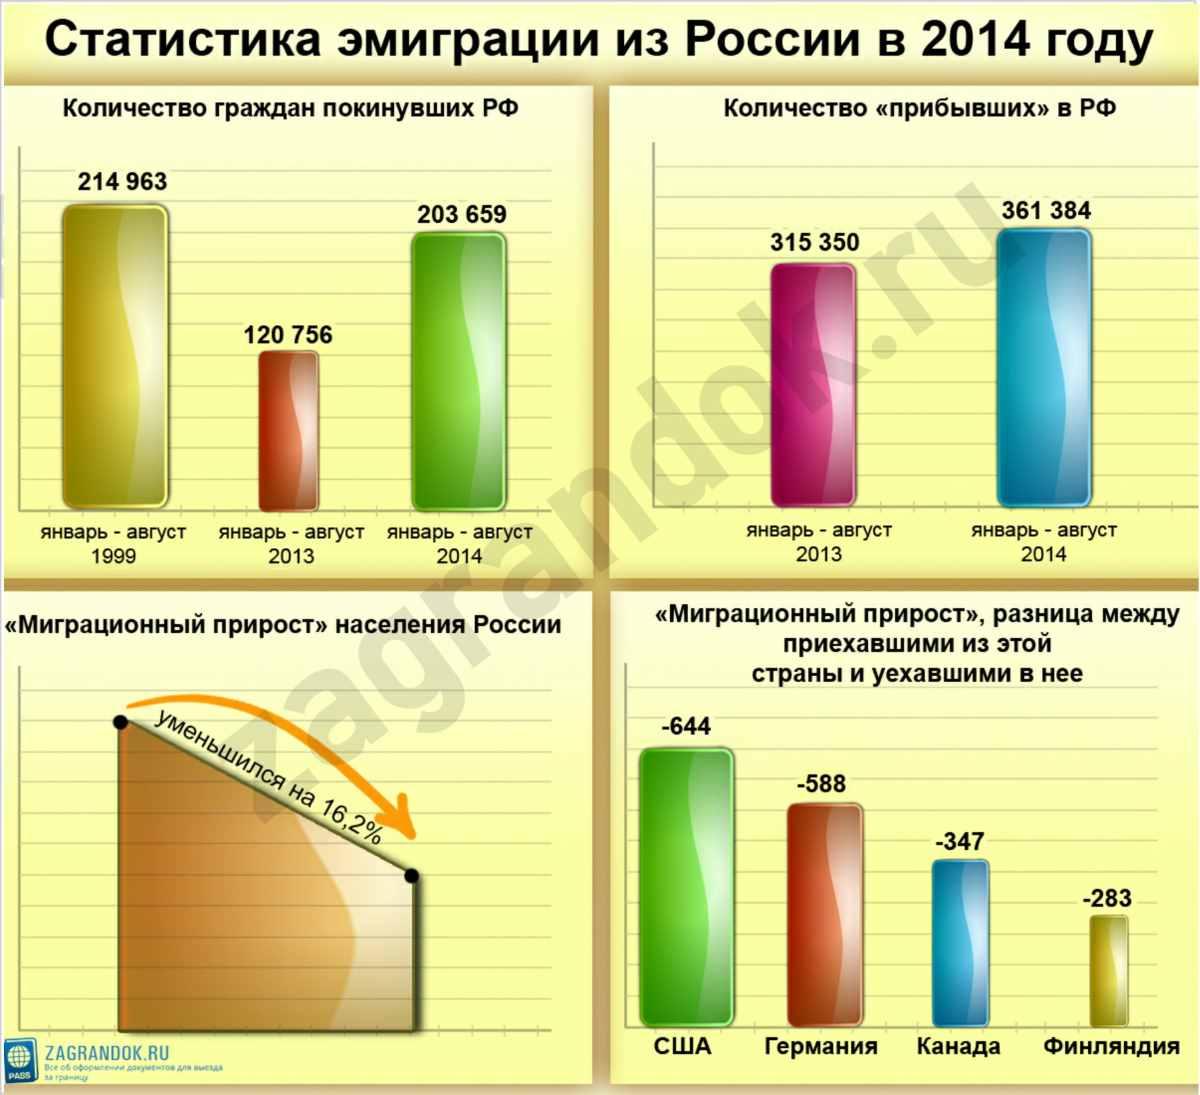 Эмиграция из России в 2014 году